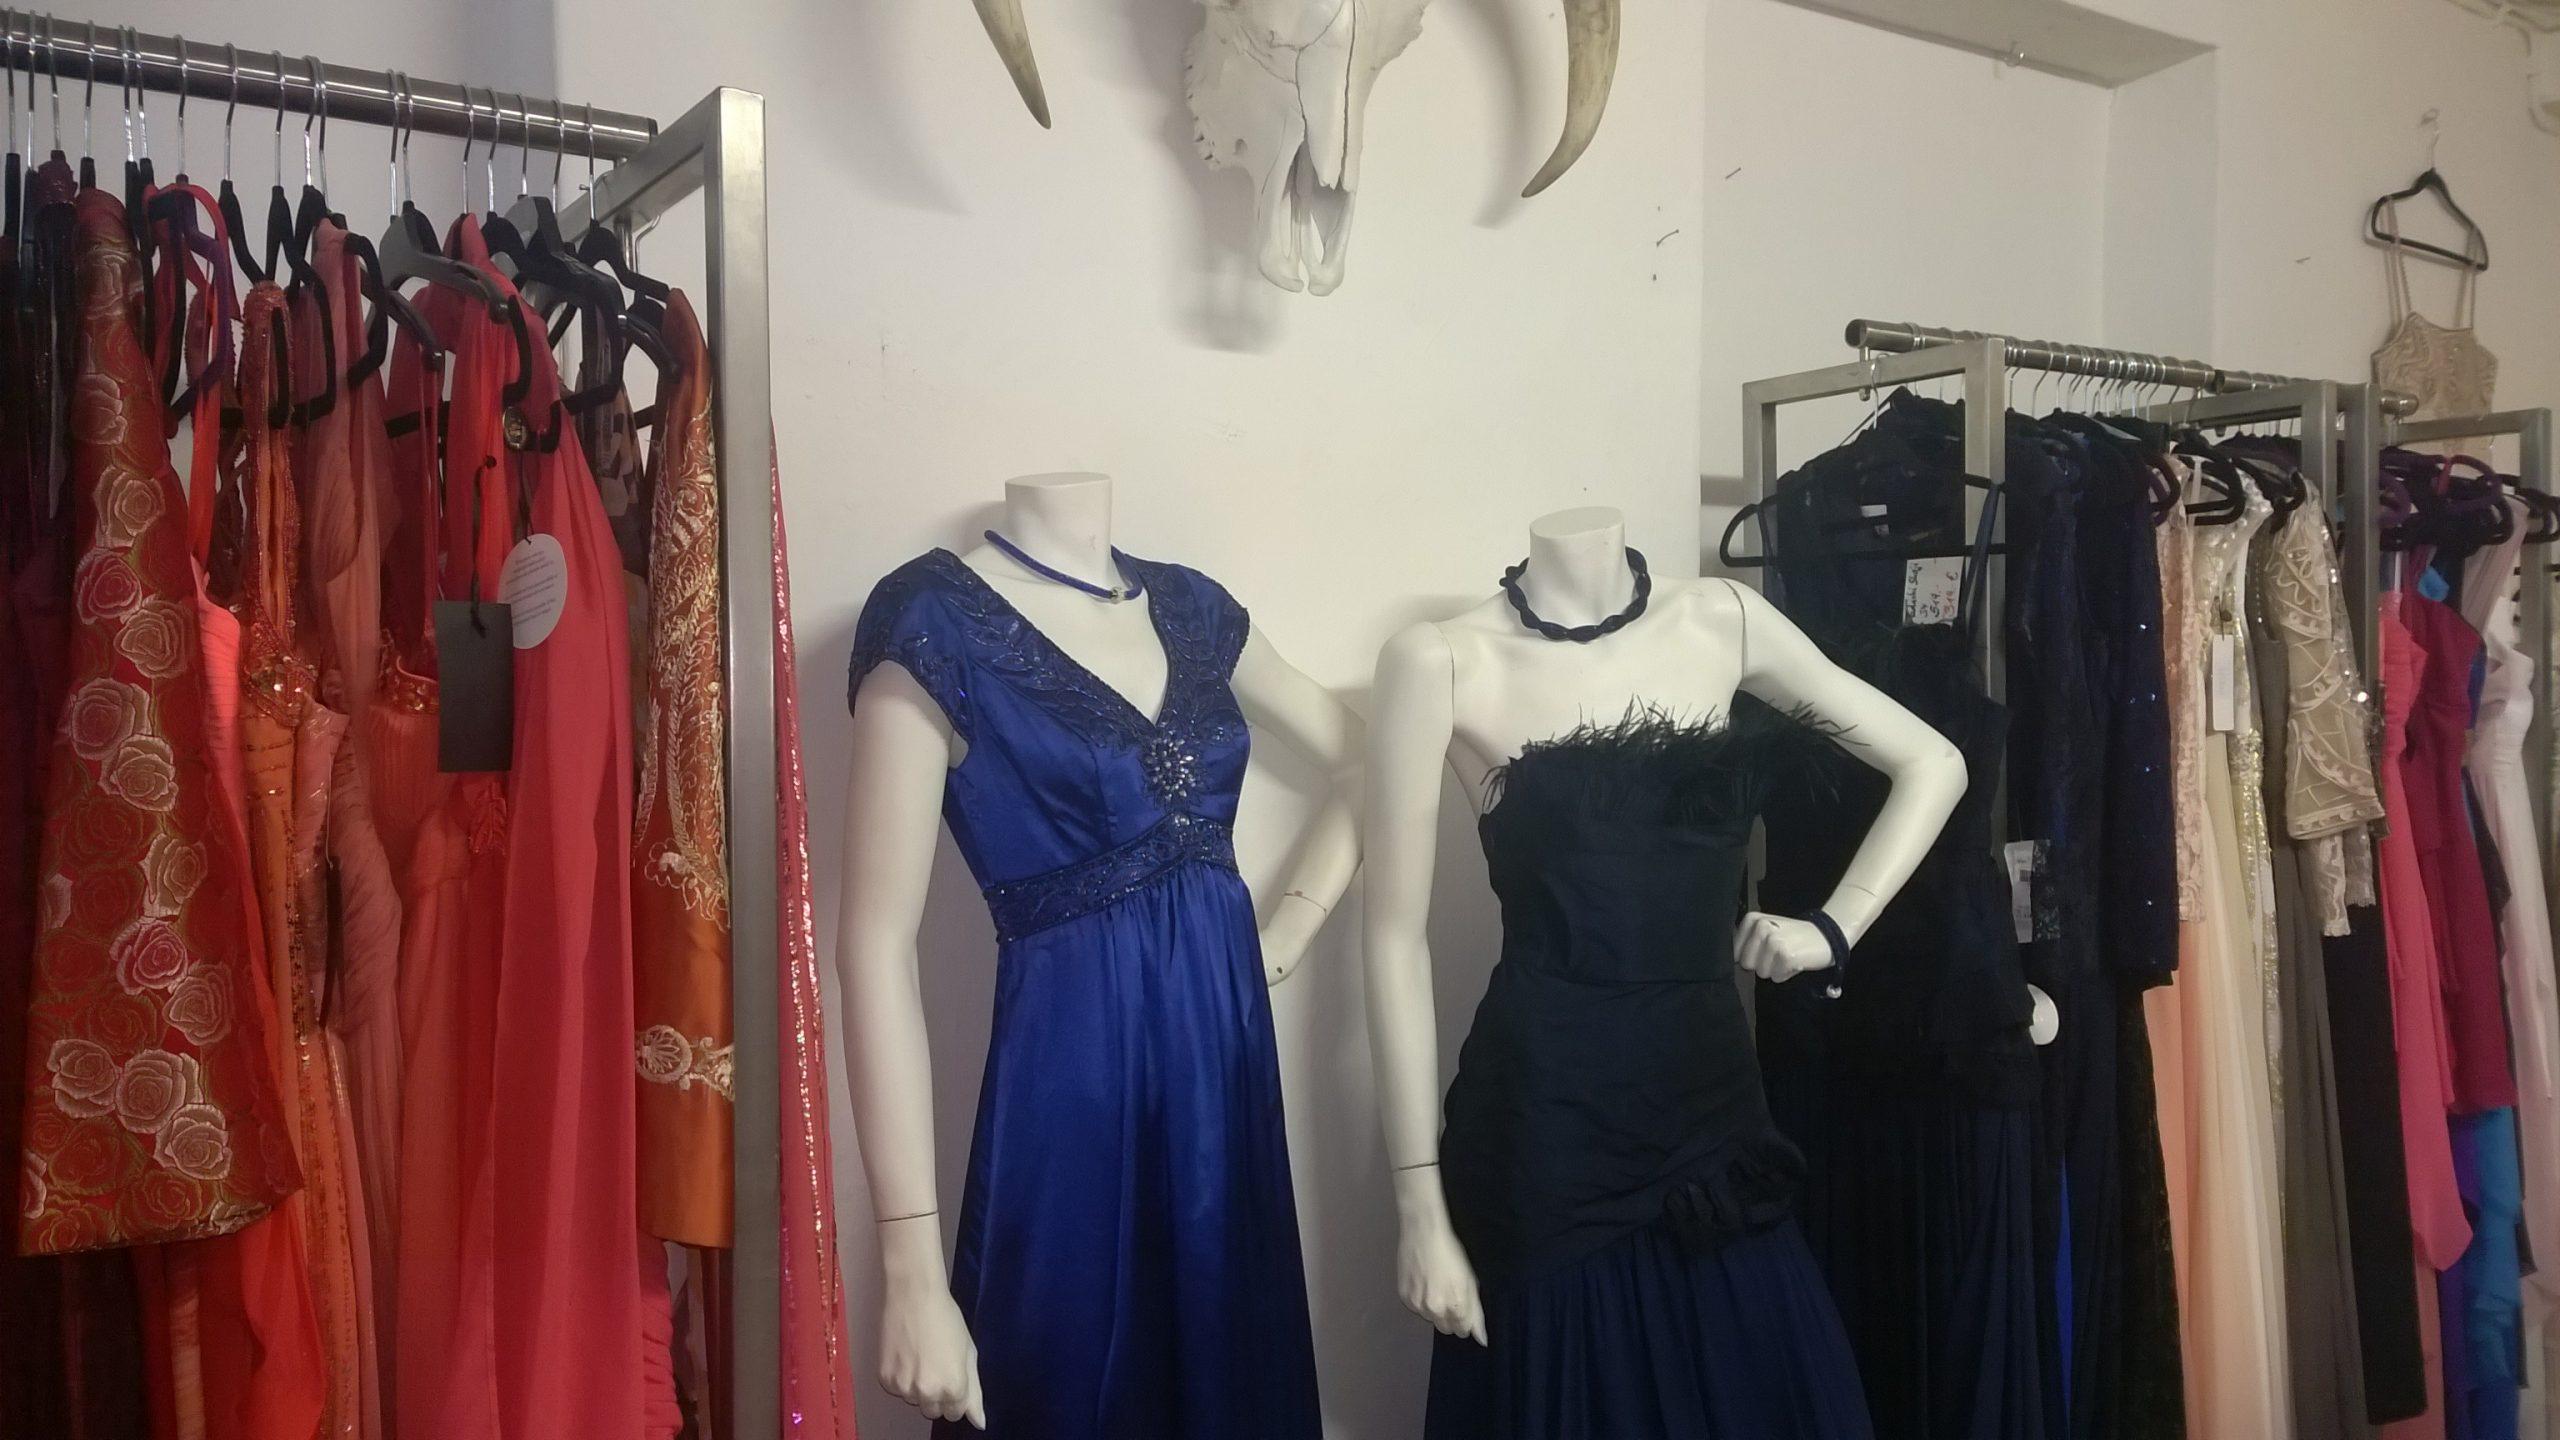 17 Leicht Abendkleid Dortmund Stylish - Abendkleid